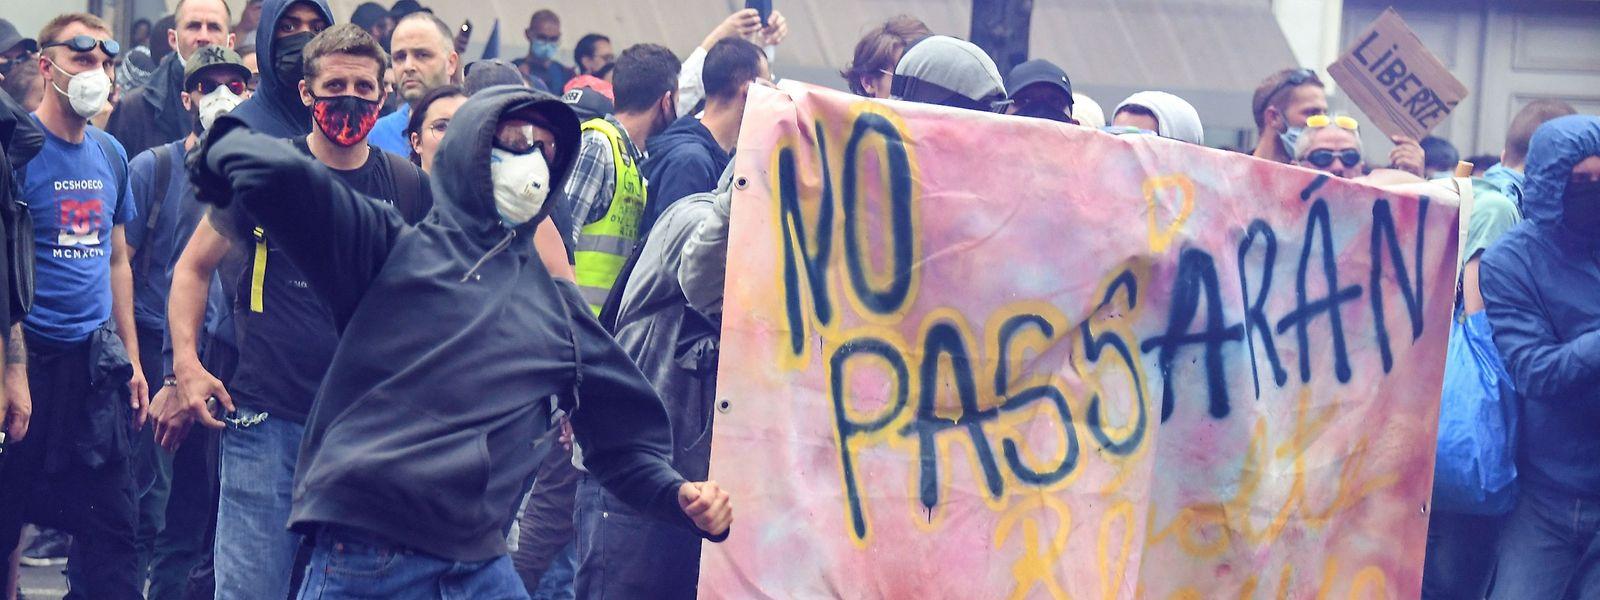 In Paris demonstrierten zahlreiche Menschen gegen die verschärften Corona-Regeln.